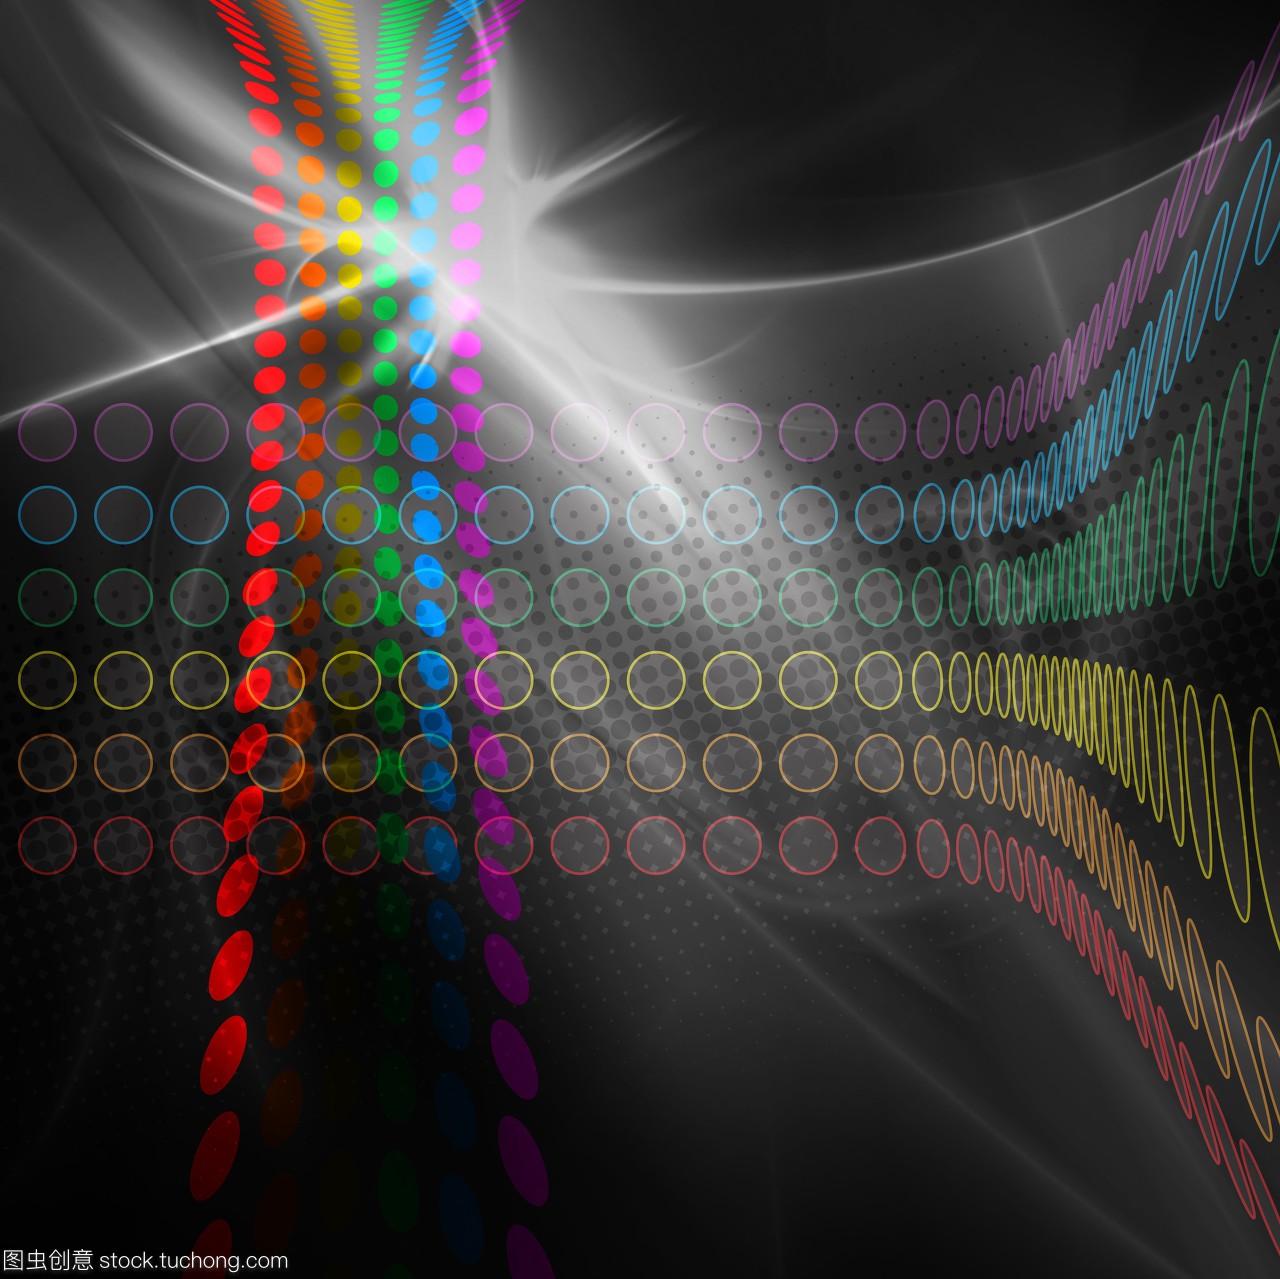 弯,坡口,彩虹,弯曲,抽象,抽象派,彩色,排,曲线,杂图纸u型摘要图片